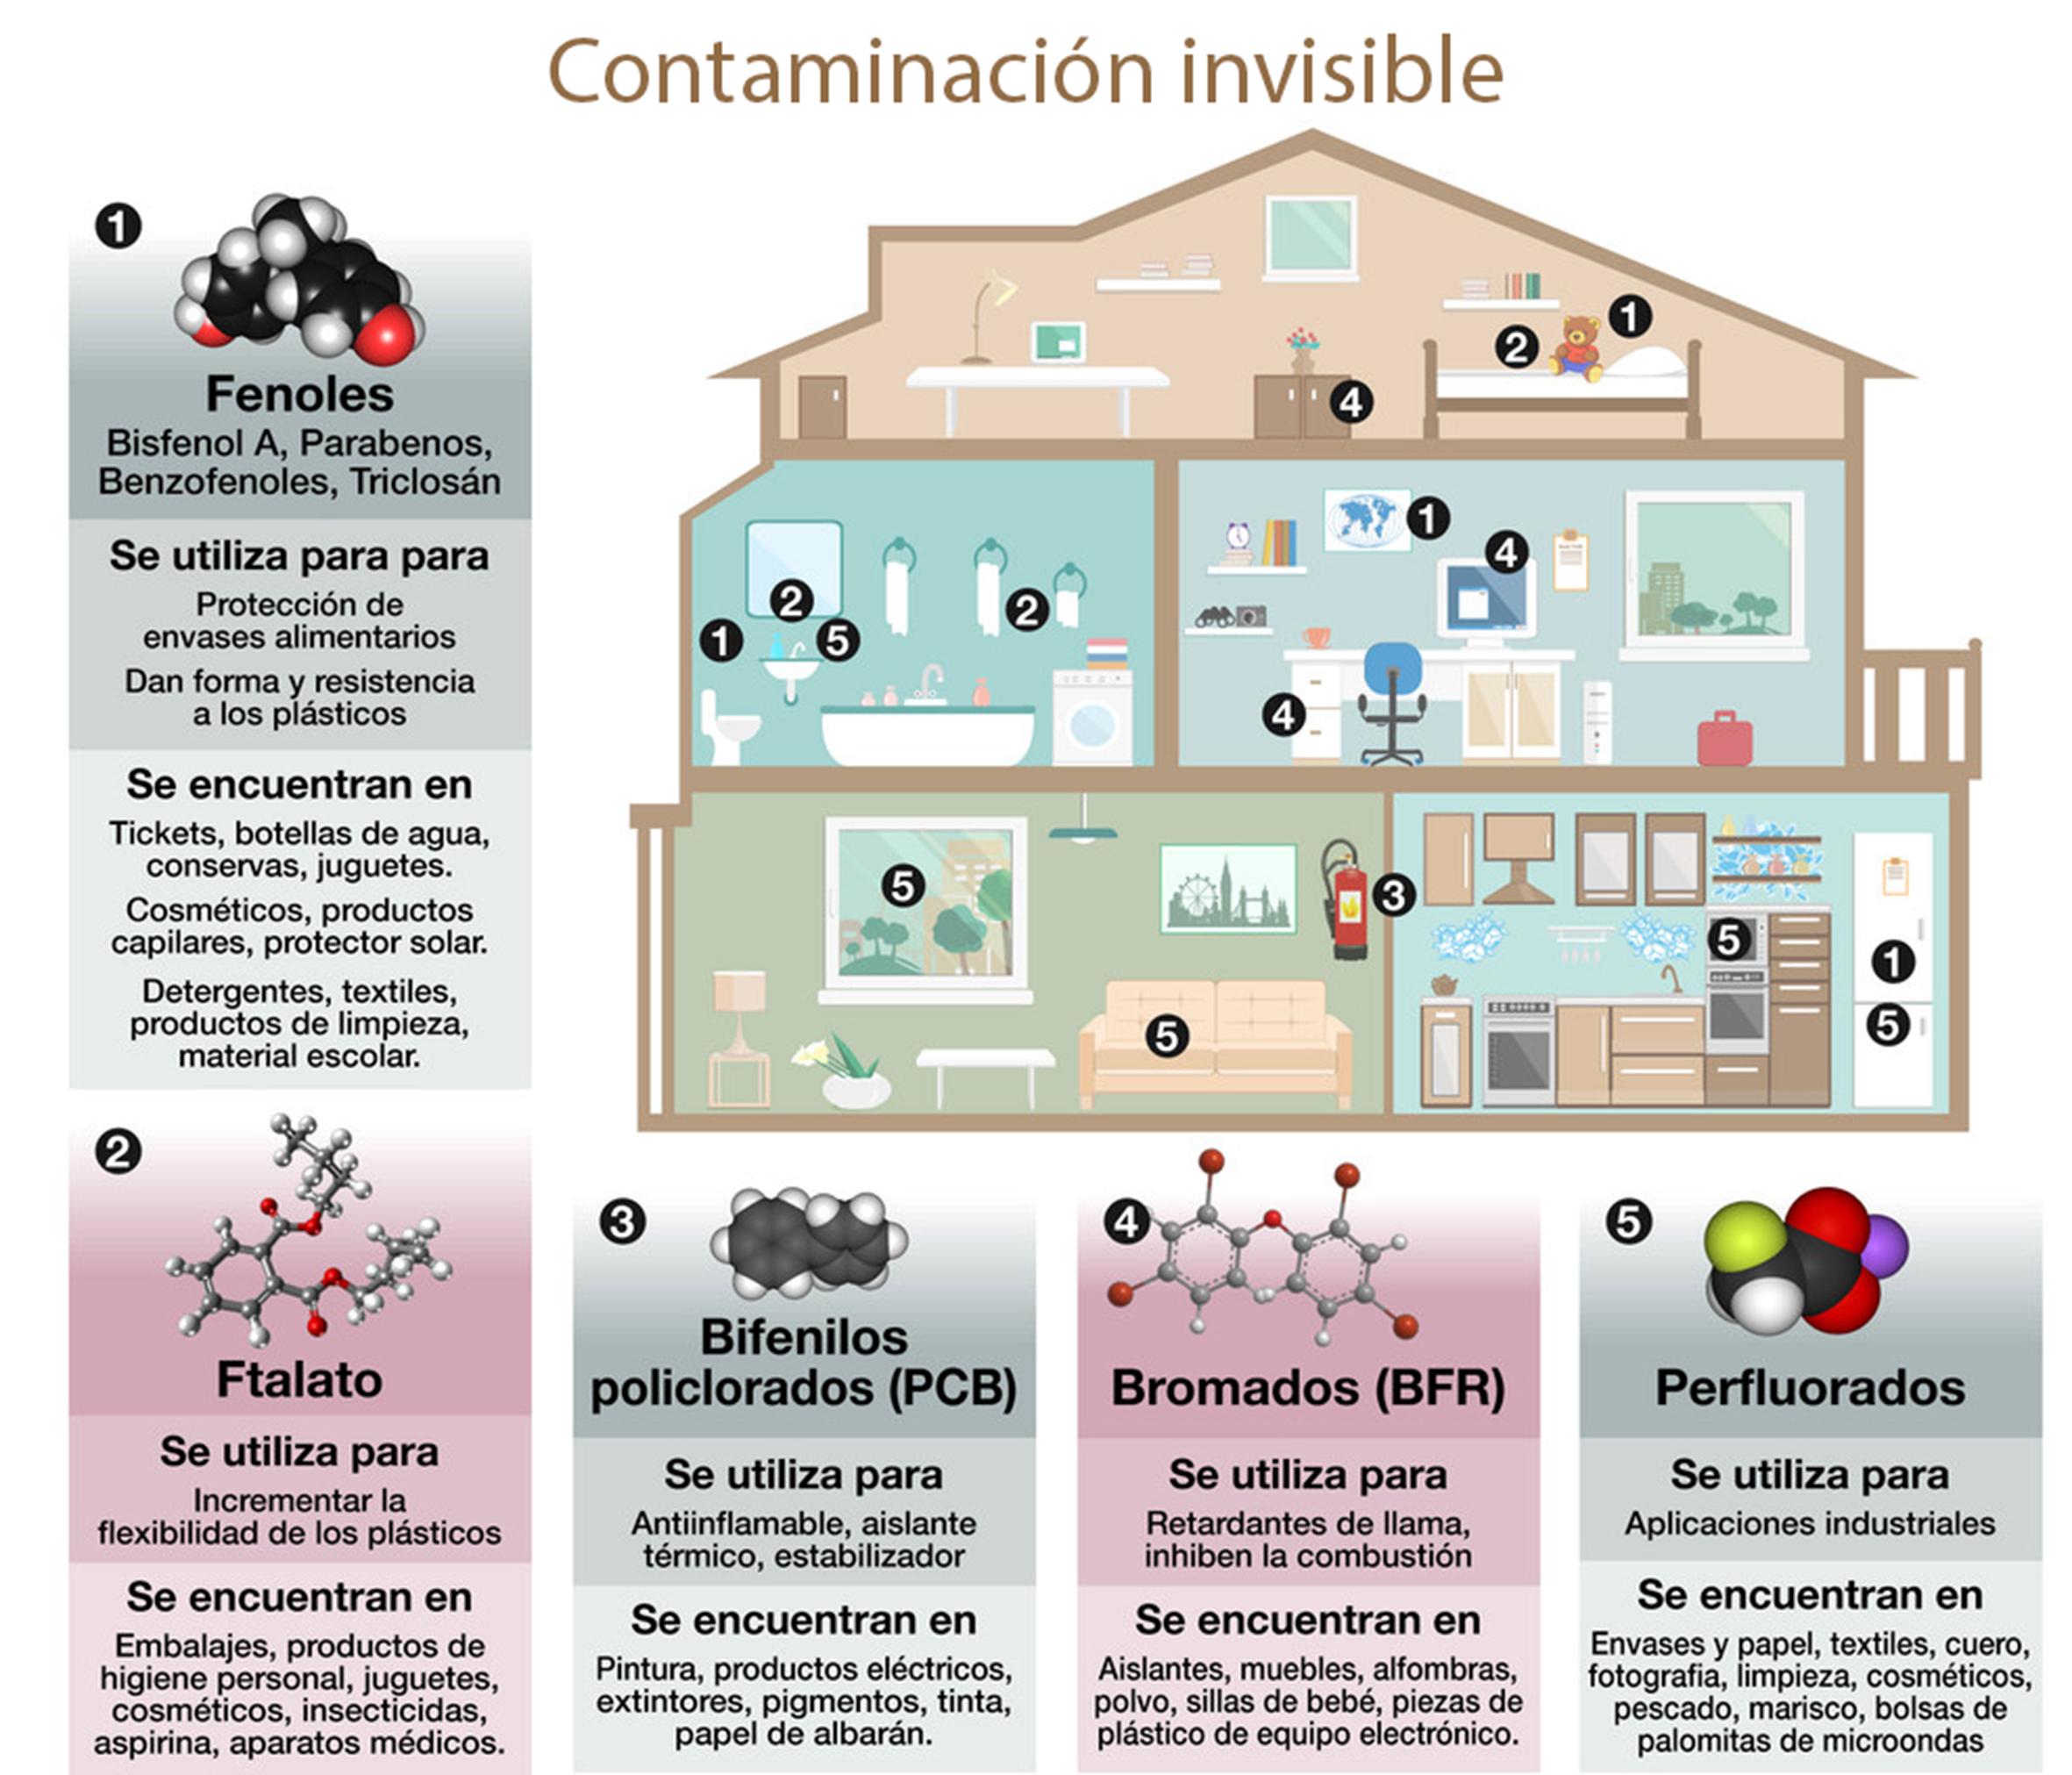 Contaminación invisible